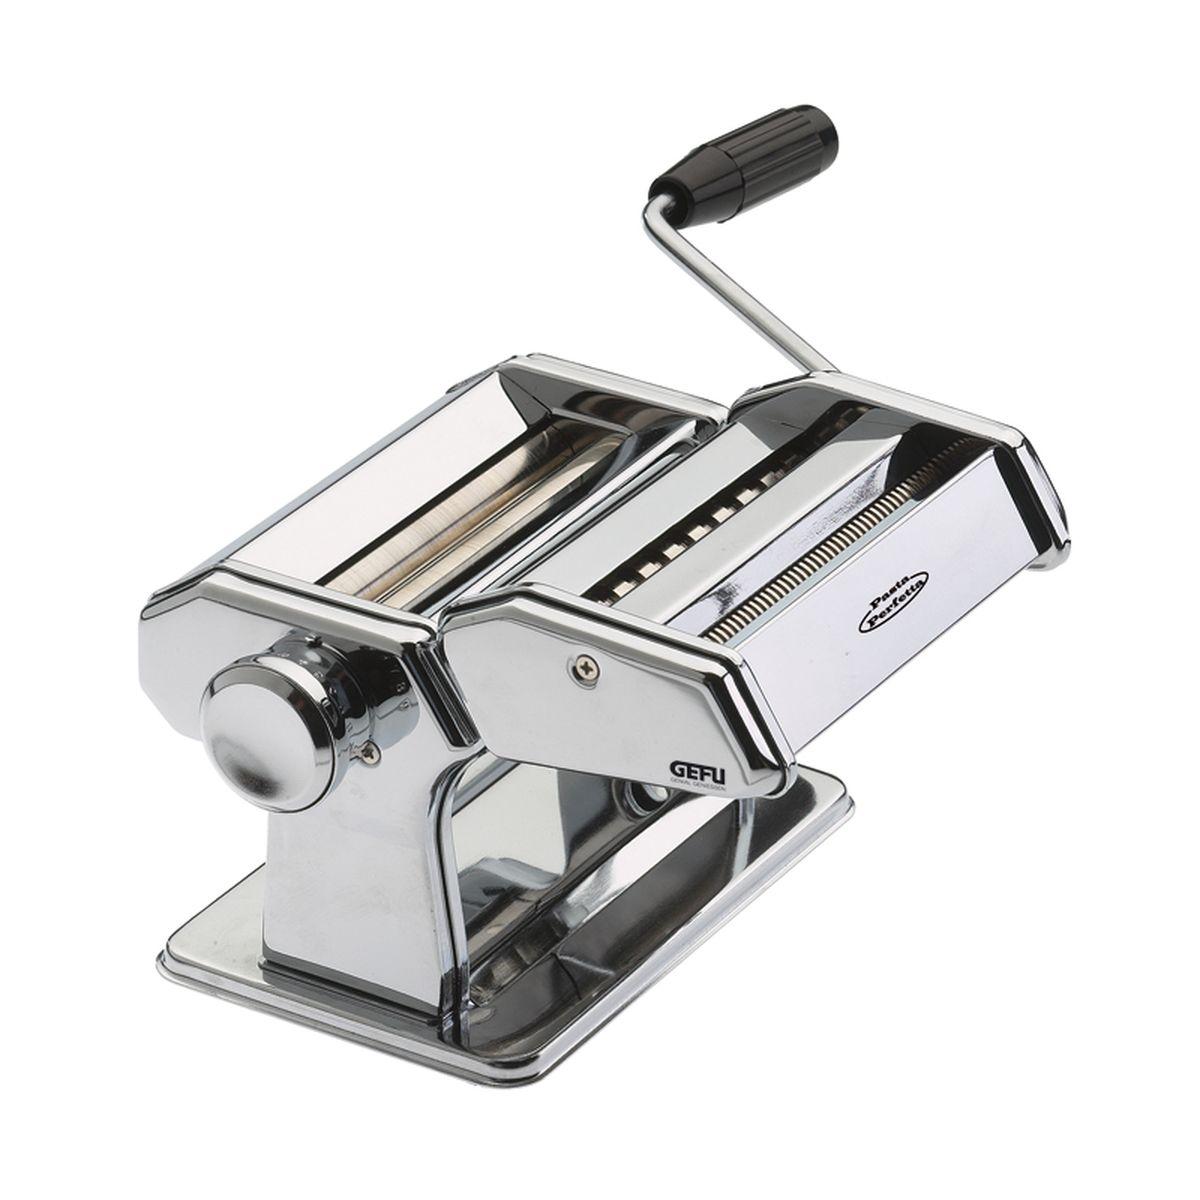 Машинка для пасты Gefu, с 2 насадками28300Машинка «Де люкс» изготовлена из нержавеющей стали. У машинки нескользкое основание, можно прикрепить к столу. Регулируемое раскатывание теста (9 вариантов толщины): от 0, 2 мм до 3 мм. Ширина раскатываемого теста 14, 5 см. В наборе: машина с валиком для раскатывания теста, наконечник для приготовления макаронов равиоли, наконечник для ленточой пасты и спагетти, наконечник для фигурной лапши и вермишелей, ролик для резки листов для лазании, ножка для крепления к столу. После использования протереть салфеткой или щеткой (не мыть).